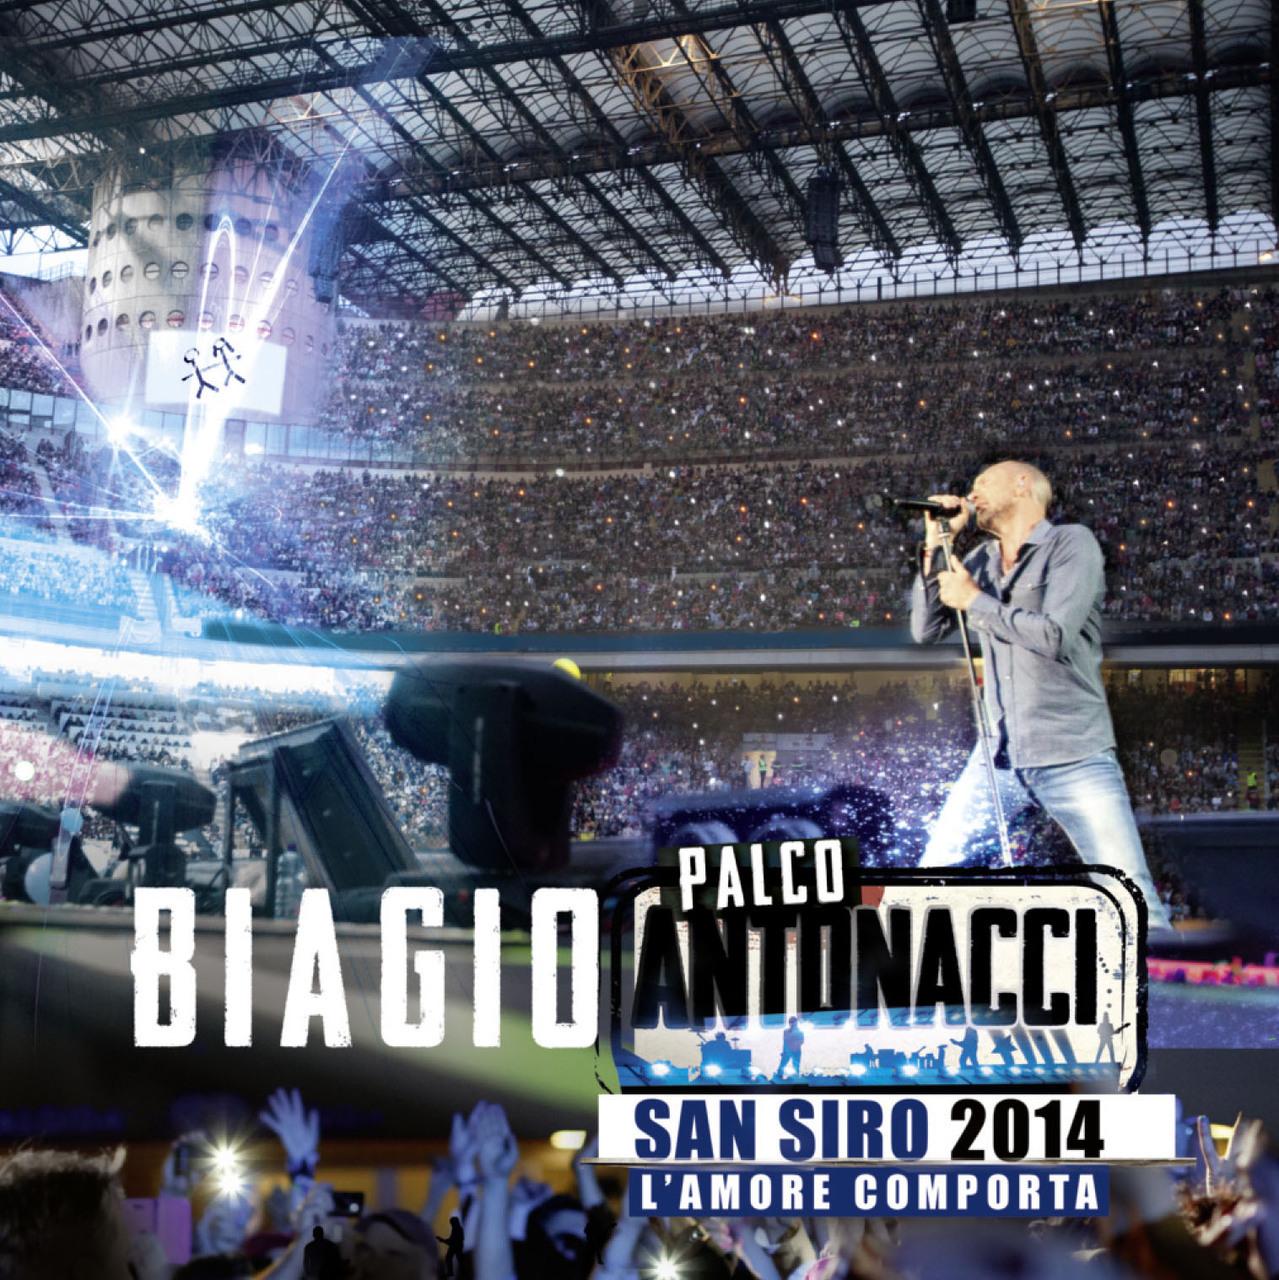 PALCO ANTONACCI SAN SIRO 2014 - L'AMORE COMPORTA (2CD+DVD)